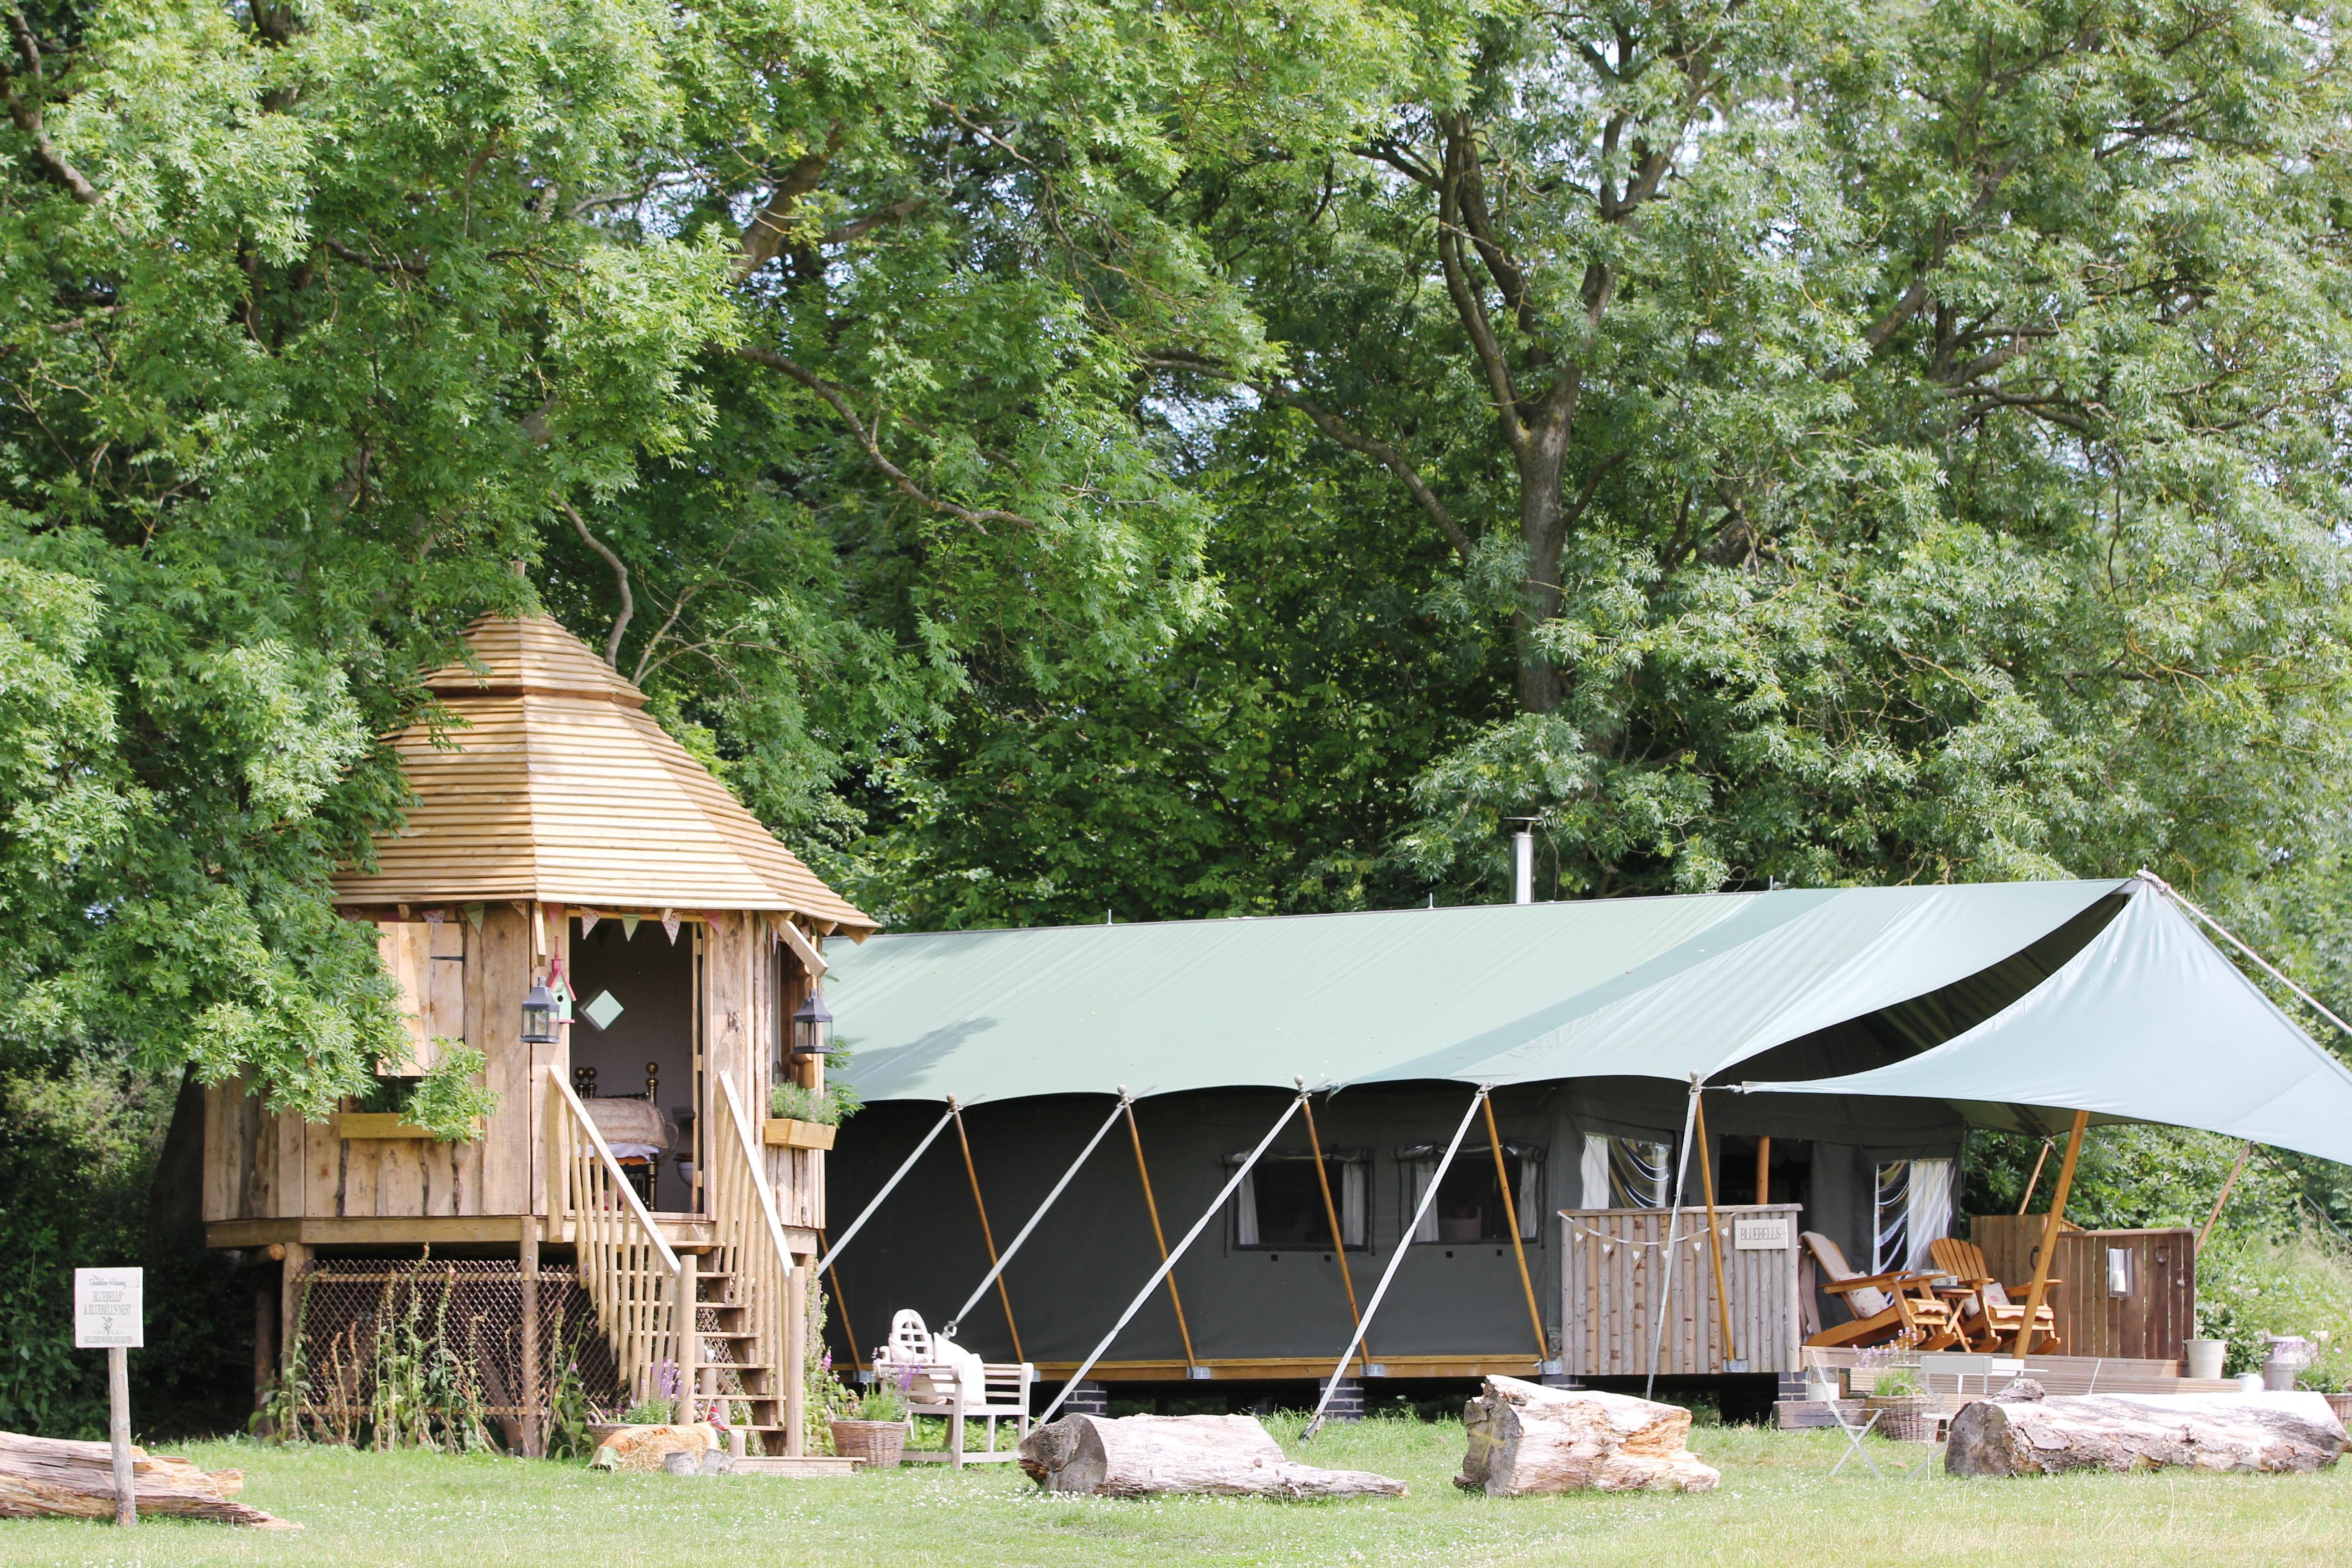 family travel to Dandelion Hideaway.Safari tents